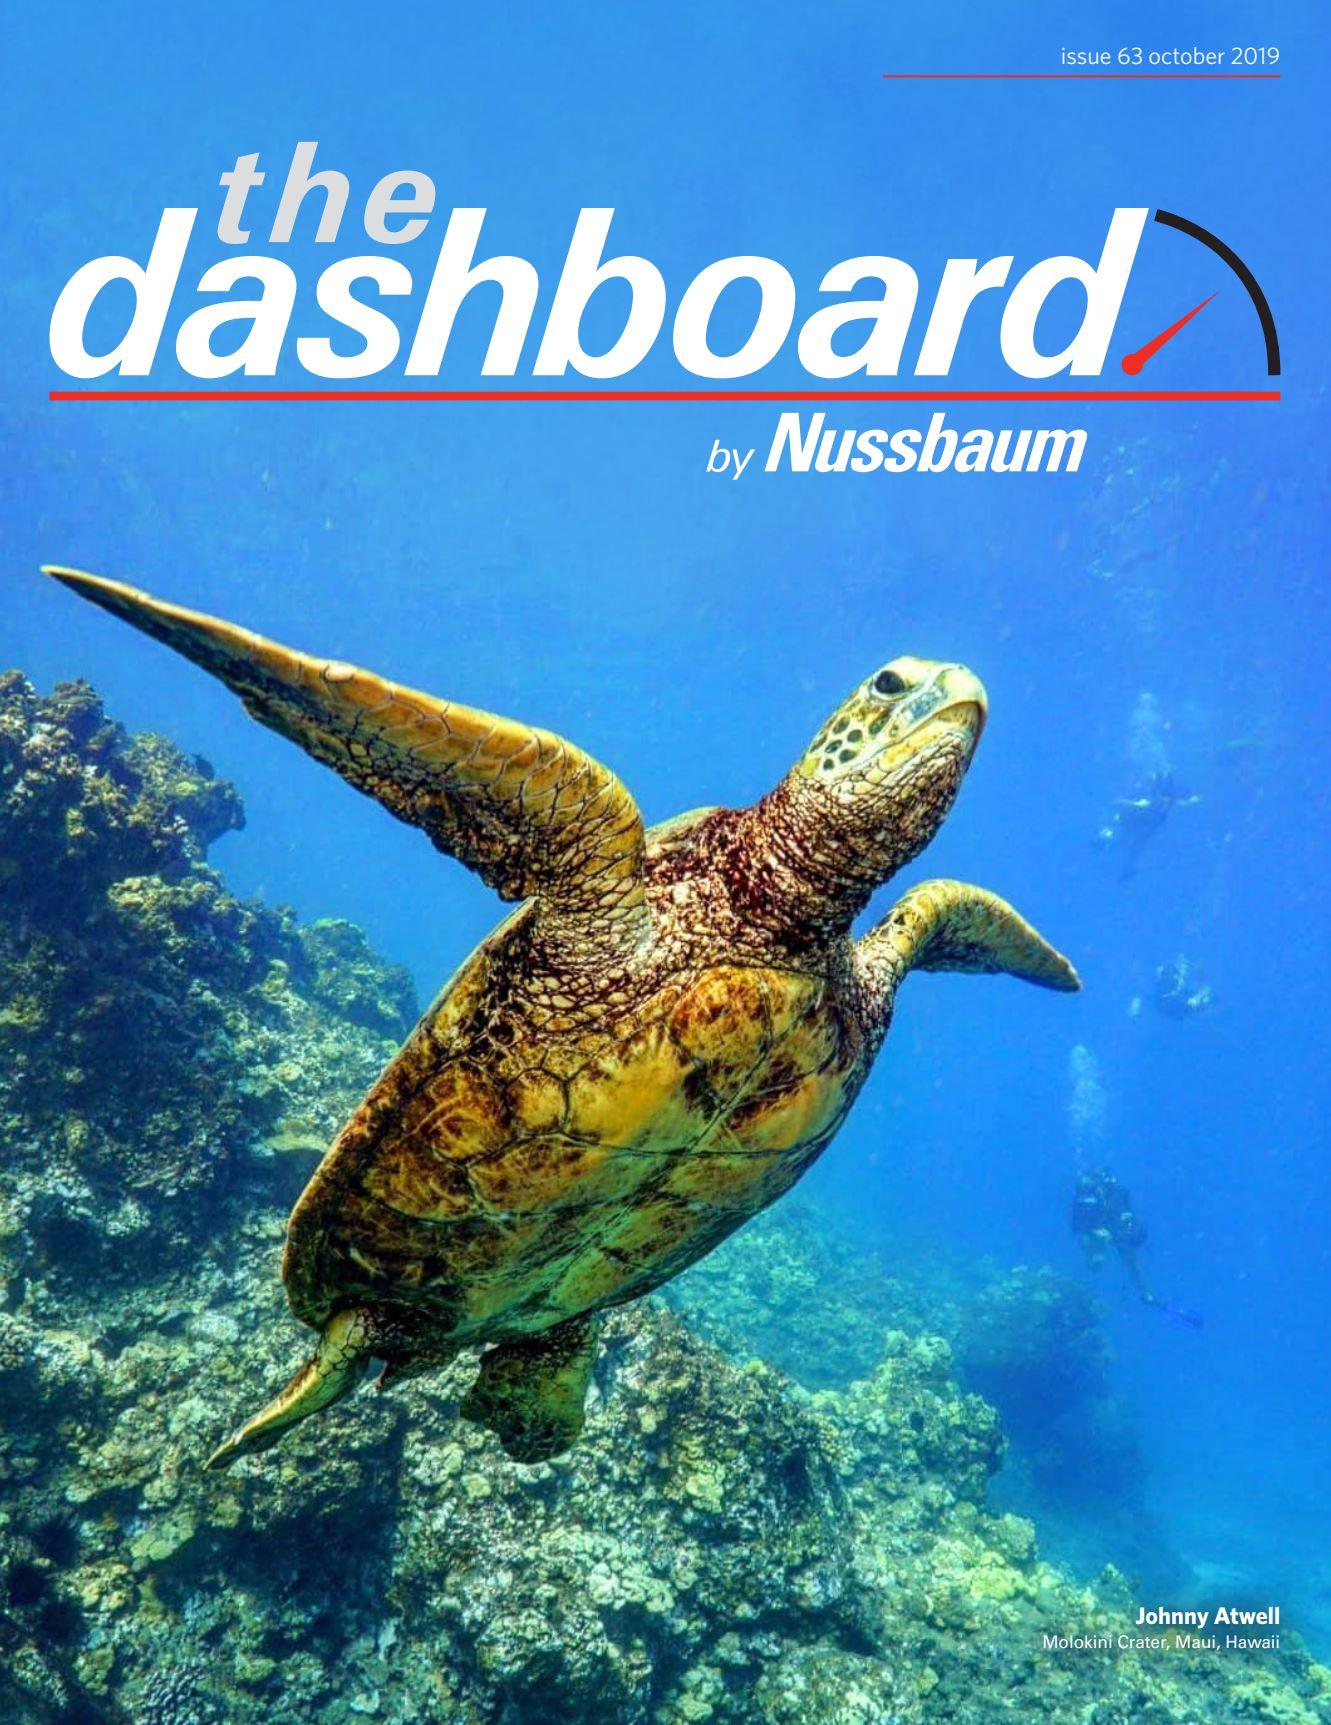 The Dashboard by Nussbaum